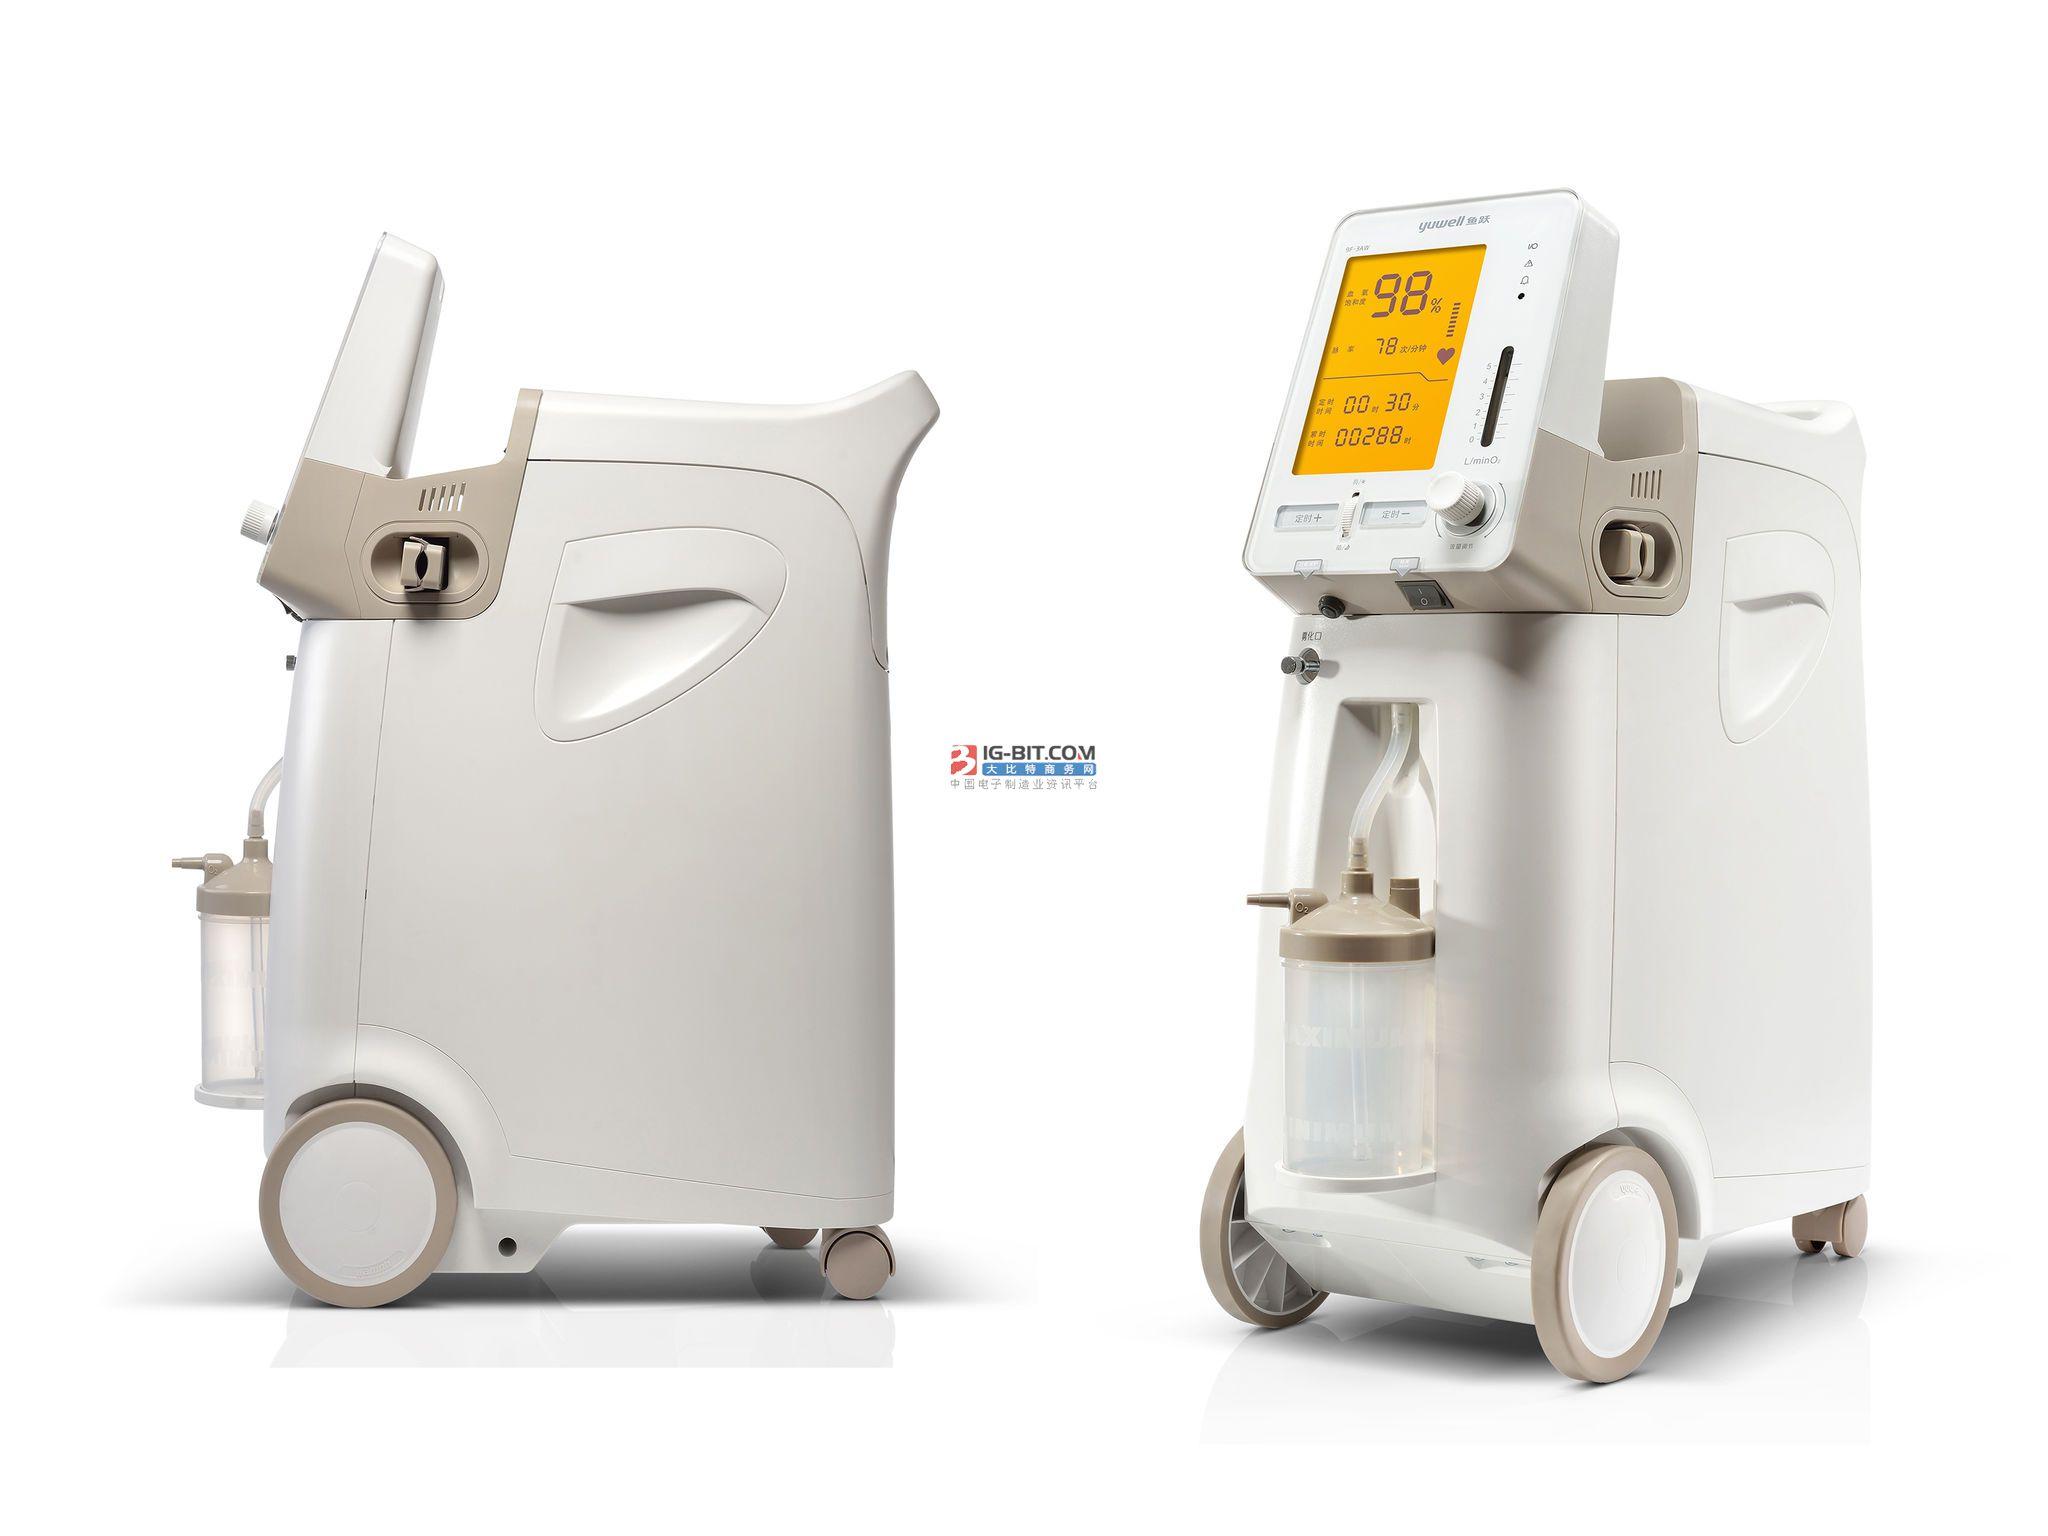 巨贸康万家发布新款制氧机,布局智能家用医疗设备大市场